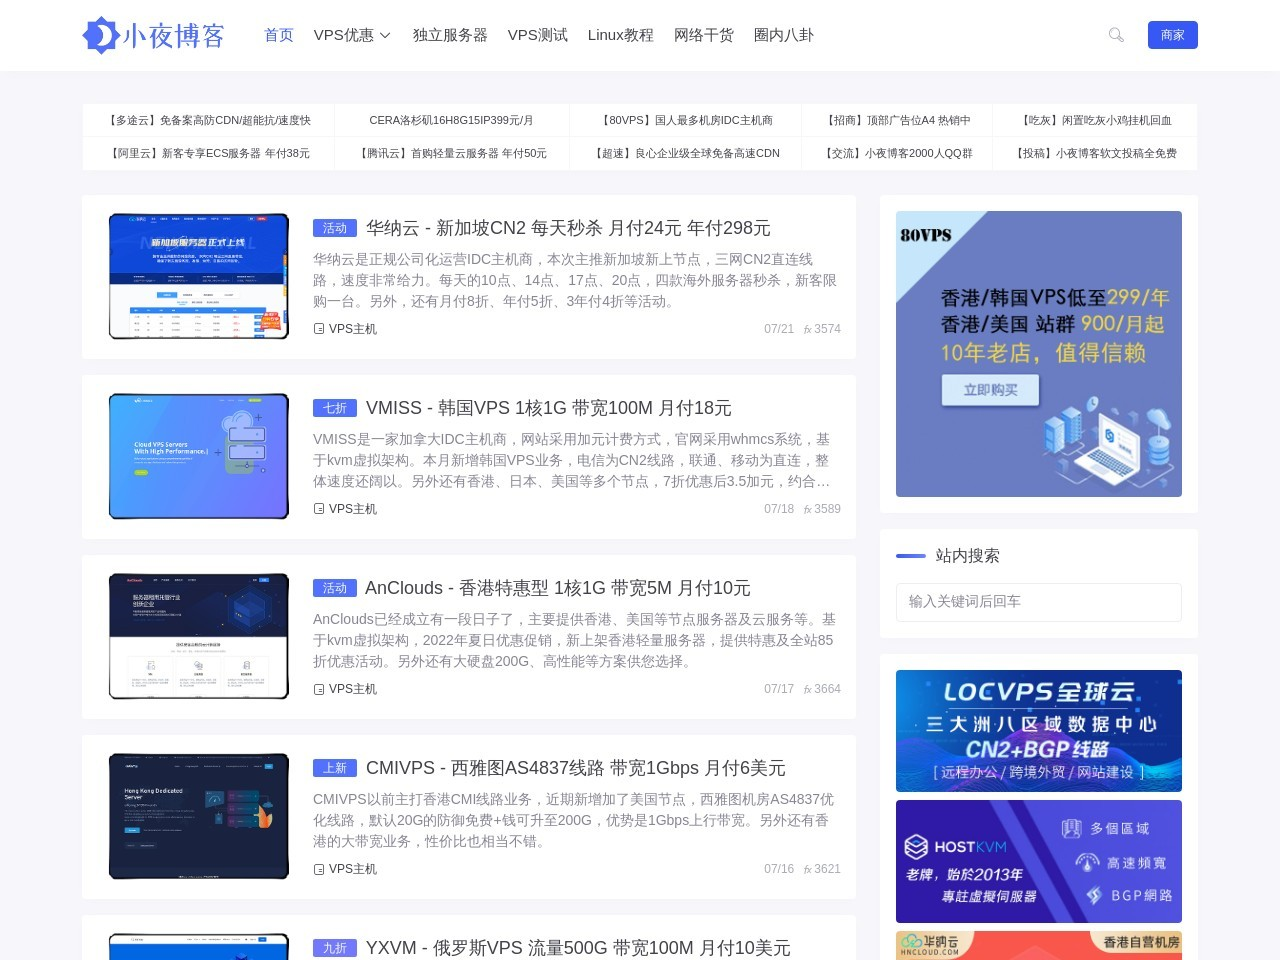 小夜博客_香港VPS,美国VPS,抗DDOS服务器